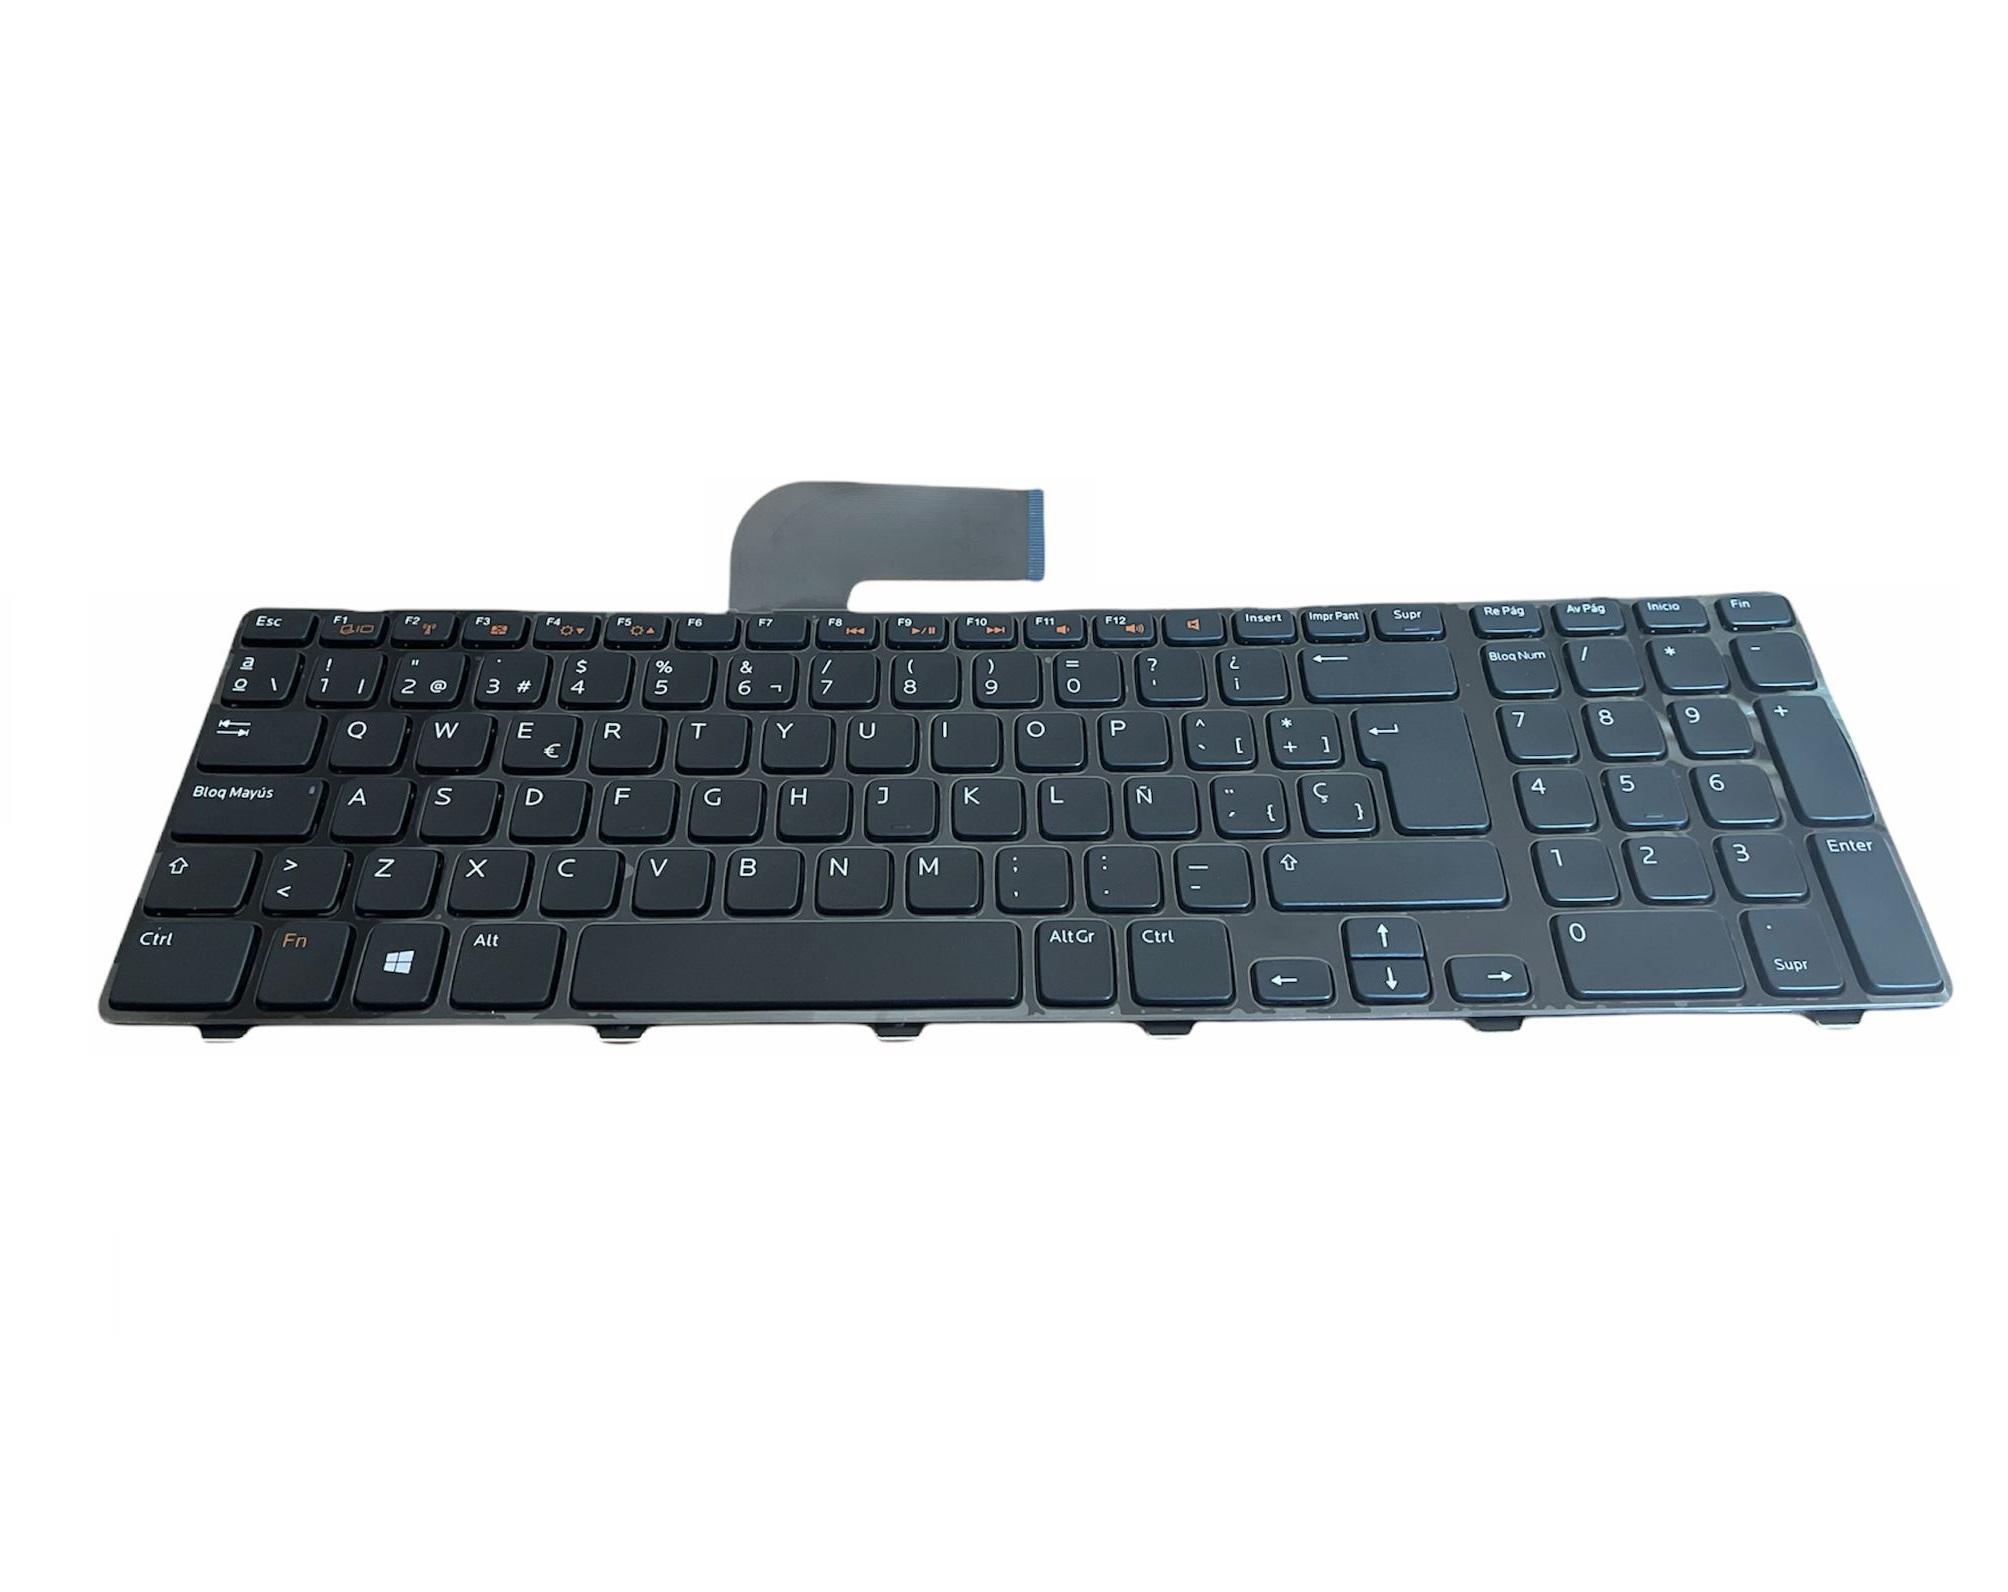 Tastatura compatibila Dell Inspiron 17R 5720, 7720, N7110, Vostro 3750, XPS L702X, layout Spanish, fara iluminare